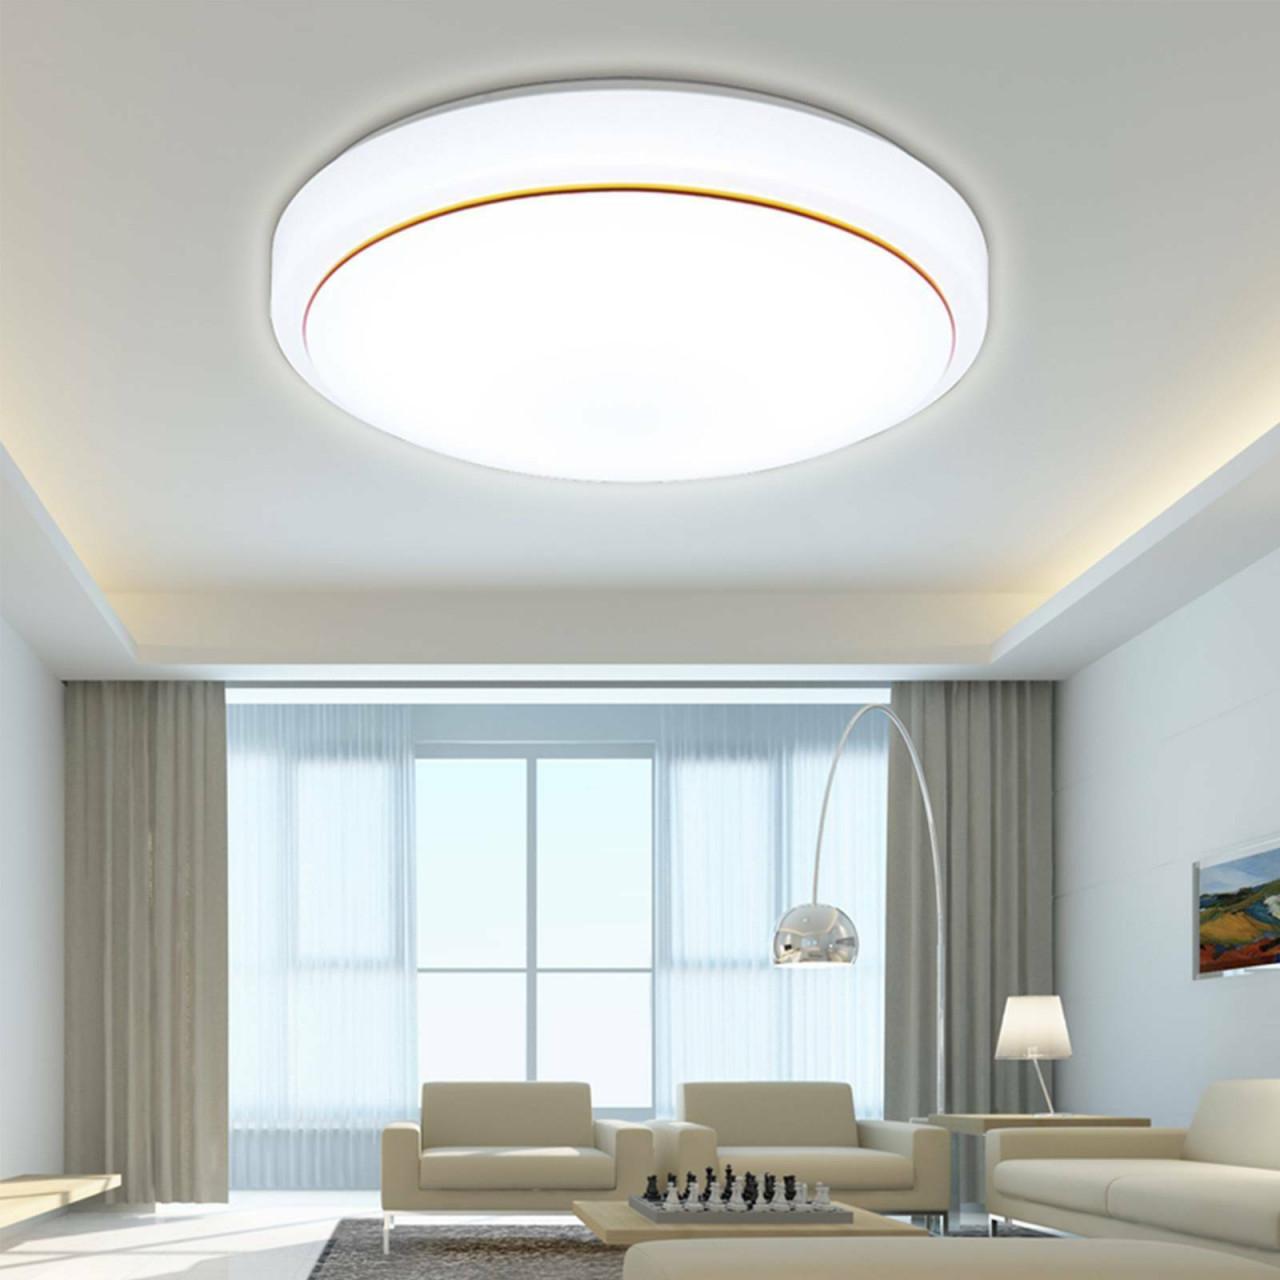 36W Led Deckenlampe Deckenleuchte Wohnzimmer Küchen Lampe Küche 40Cm Runde  Licht von Wohnzimmer Lampe Led Bild